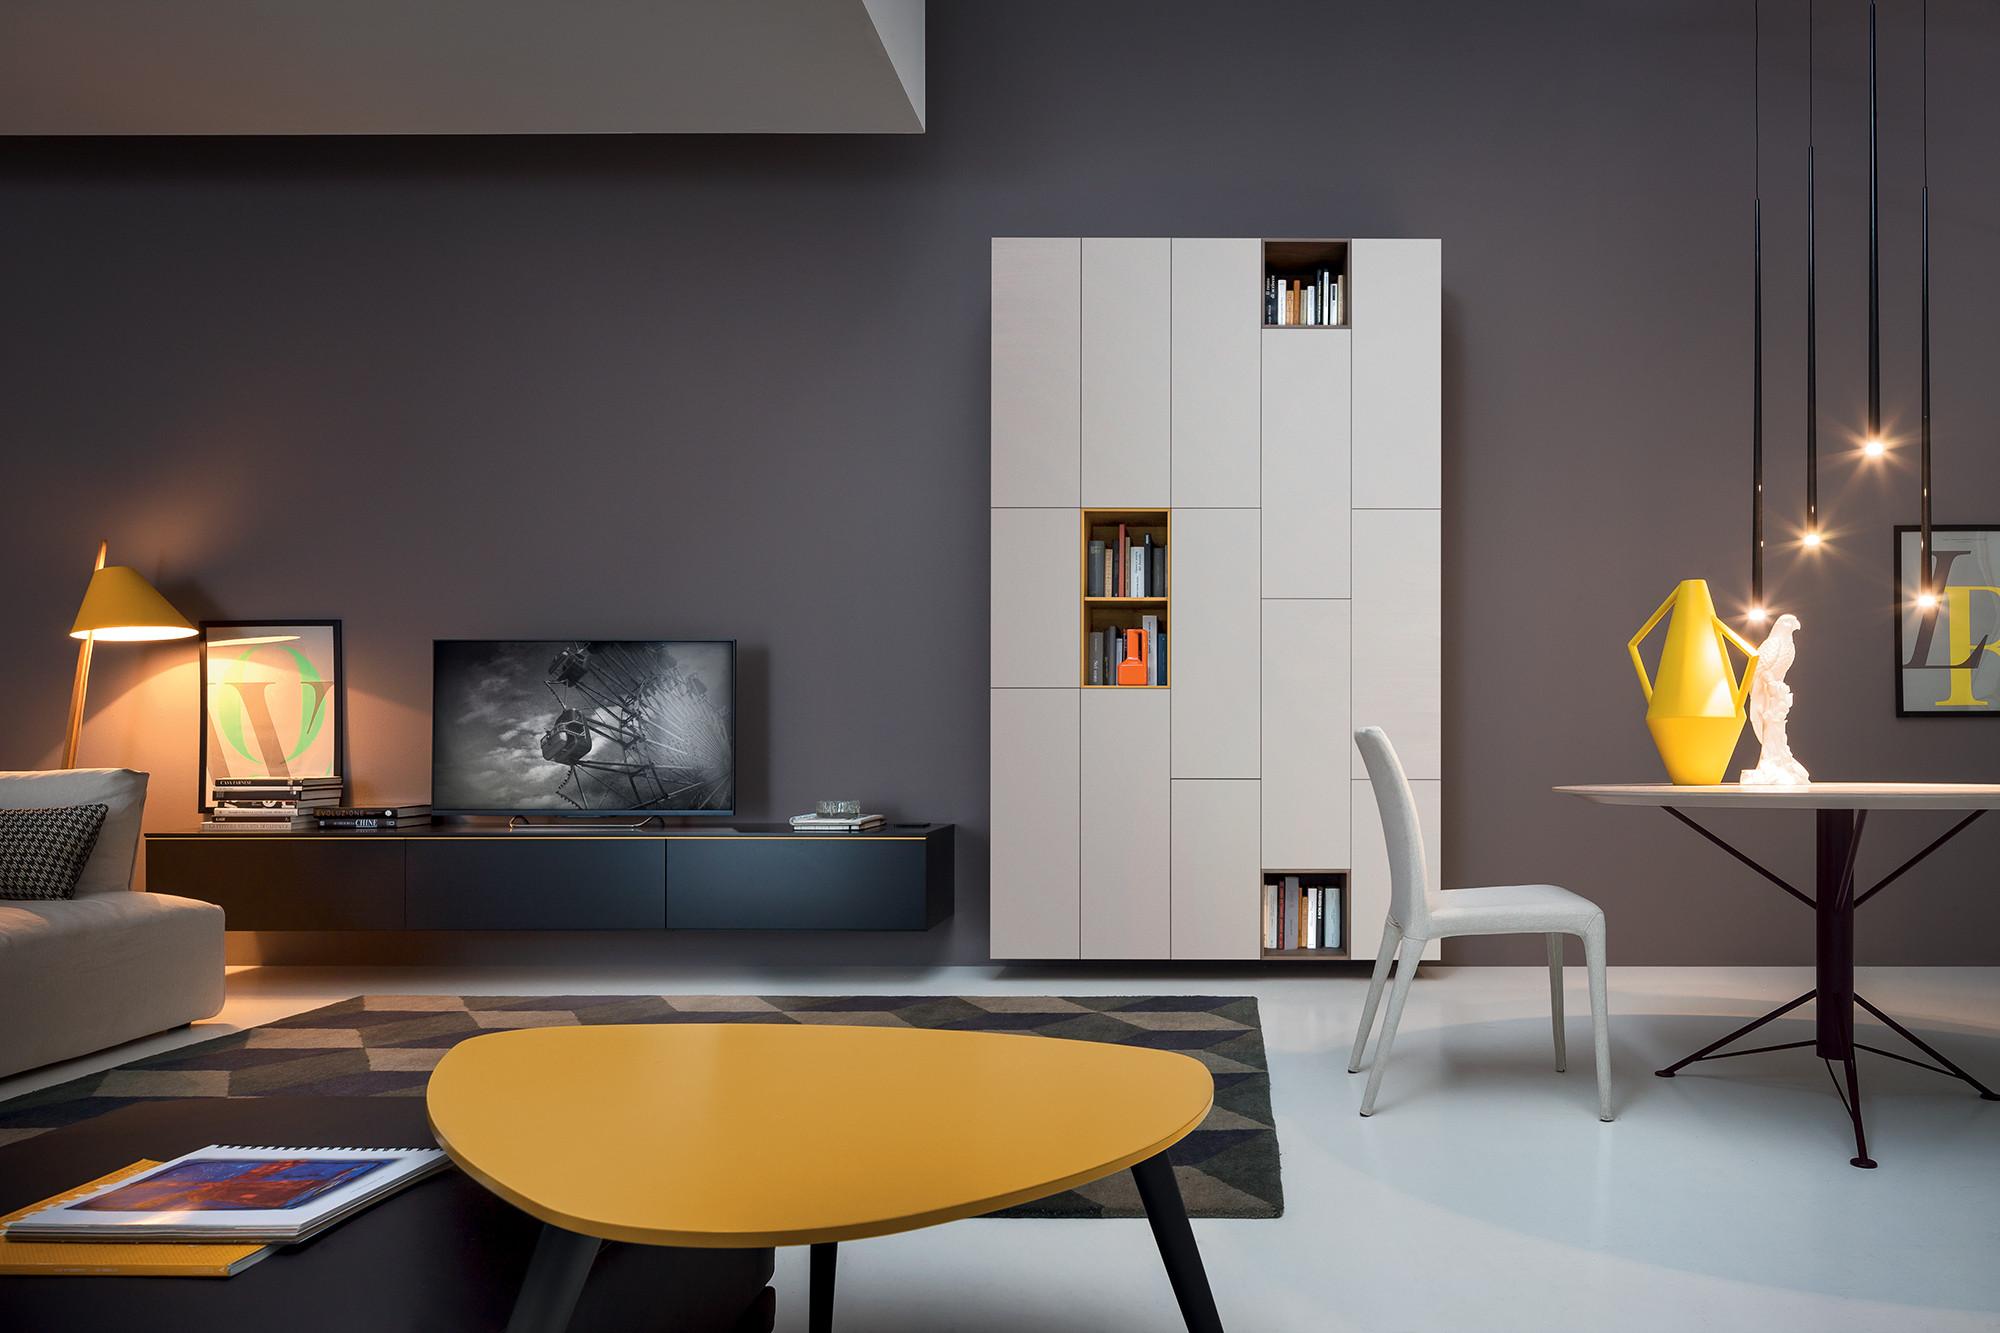 tavoli e sedie | linea casa arredamento - Libreria Novamobili Soggiorno 2